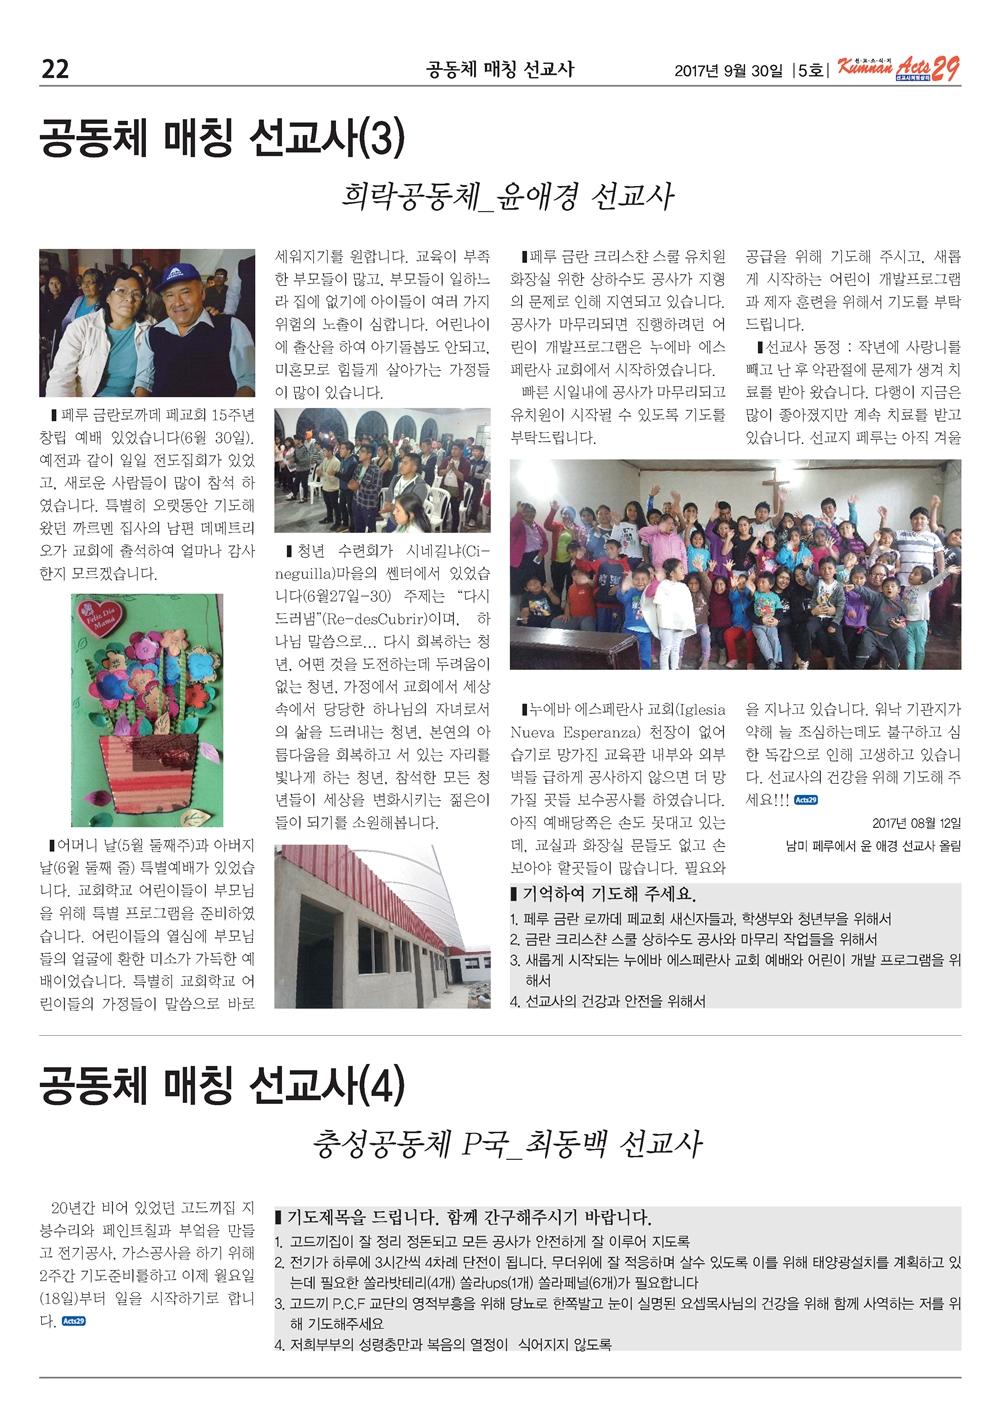 금란선교소식지 5호_Page_22.jpg